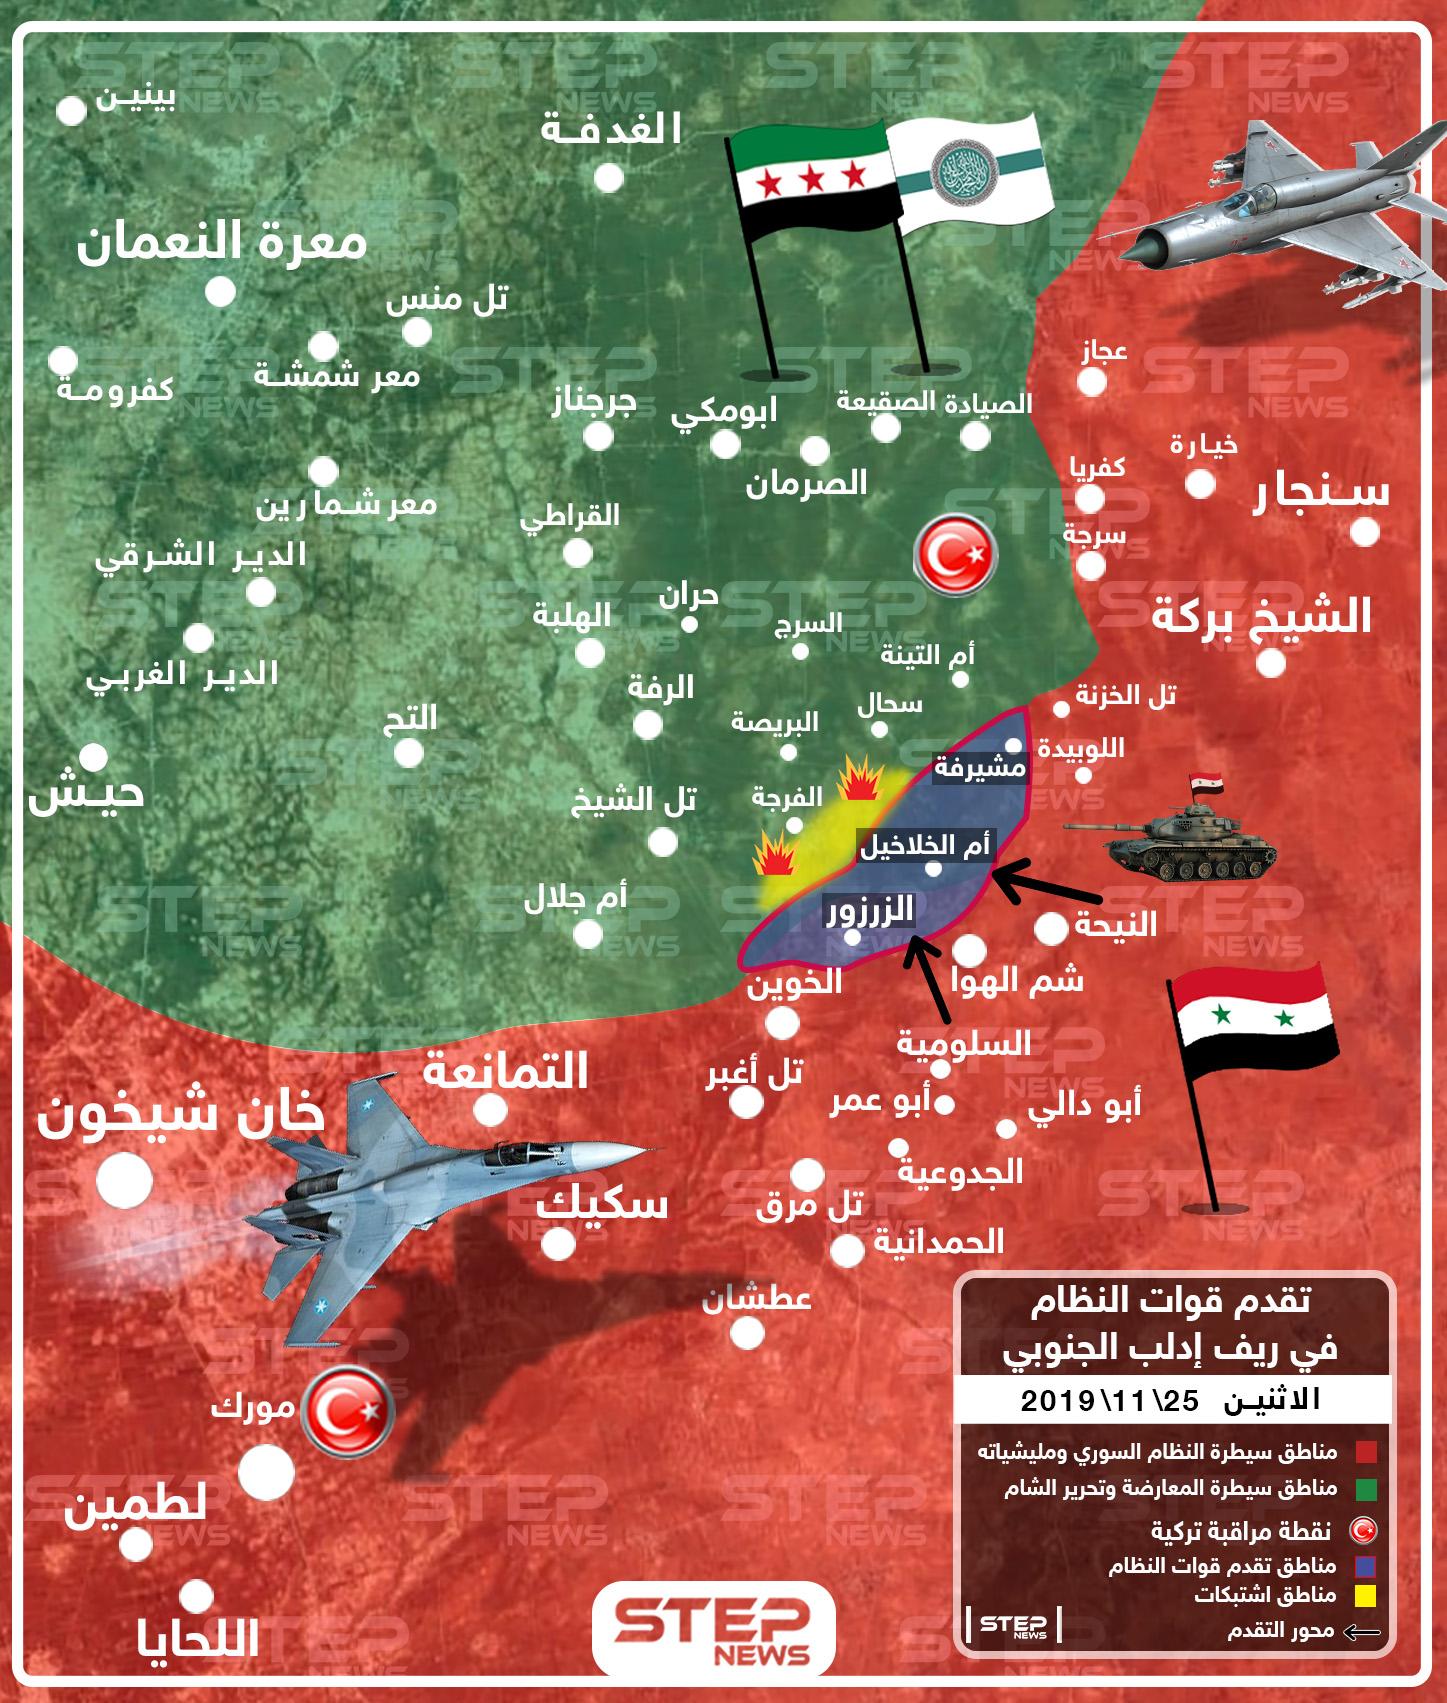 شاهد بالخريطة|| النظام يتقدّم في إدلب وهذه النقاط التي ثبّت سيطرته بداخلها